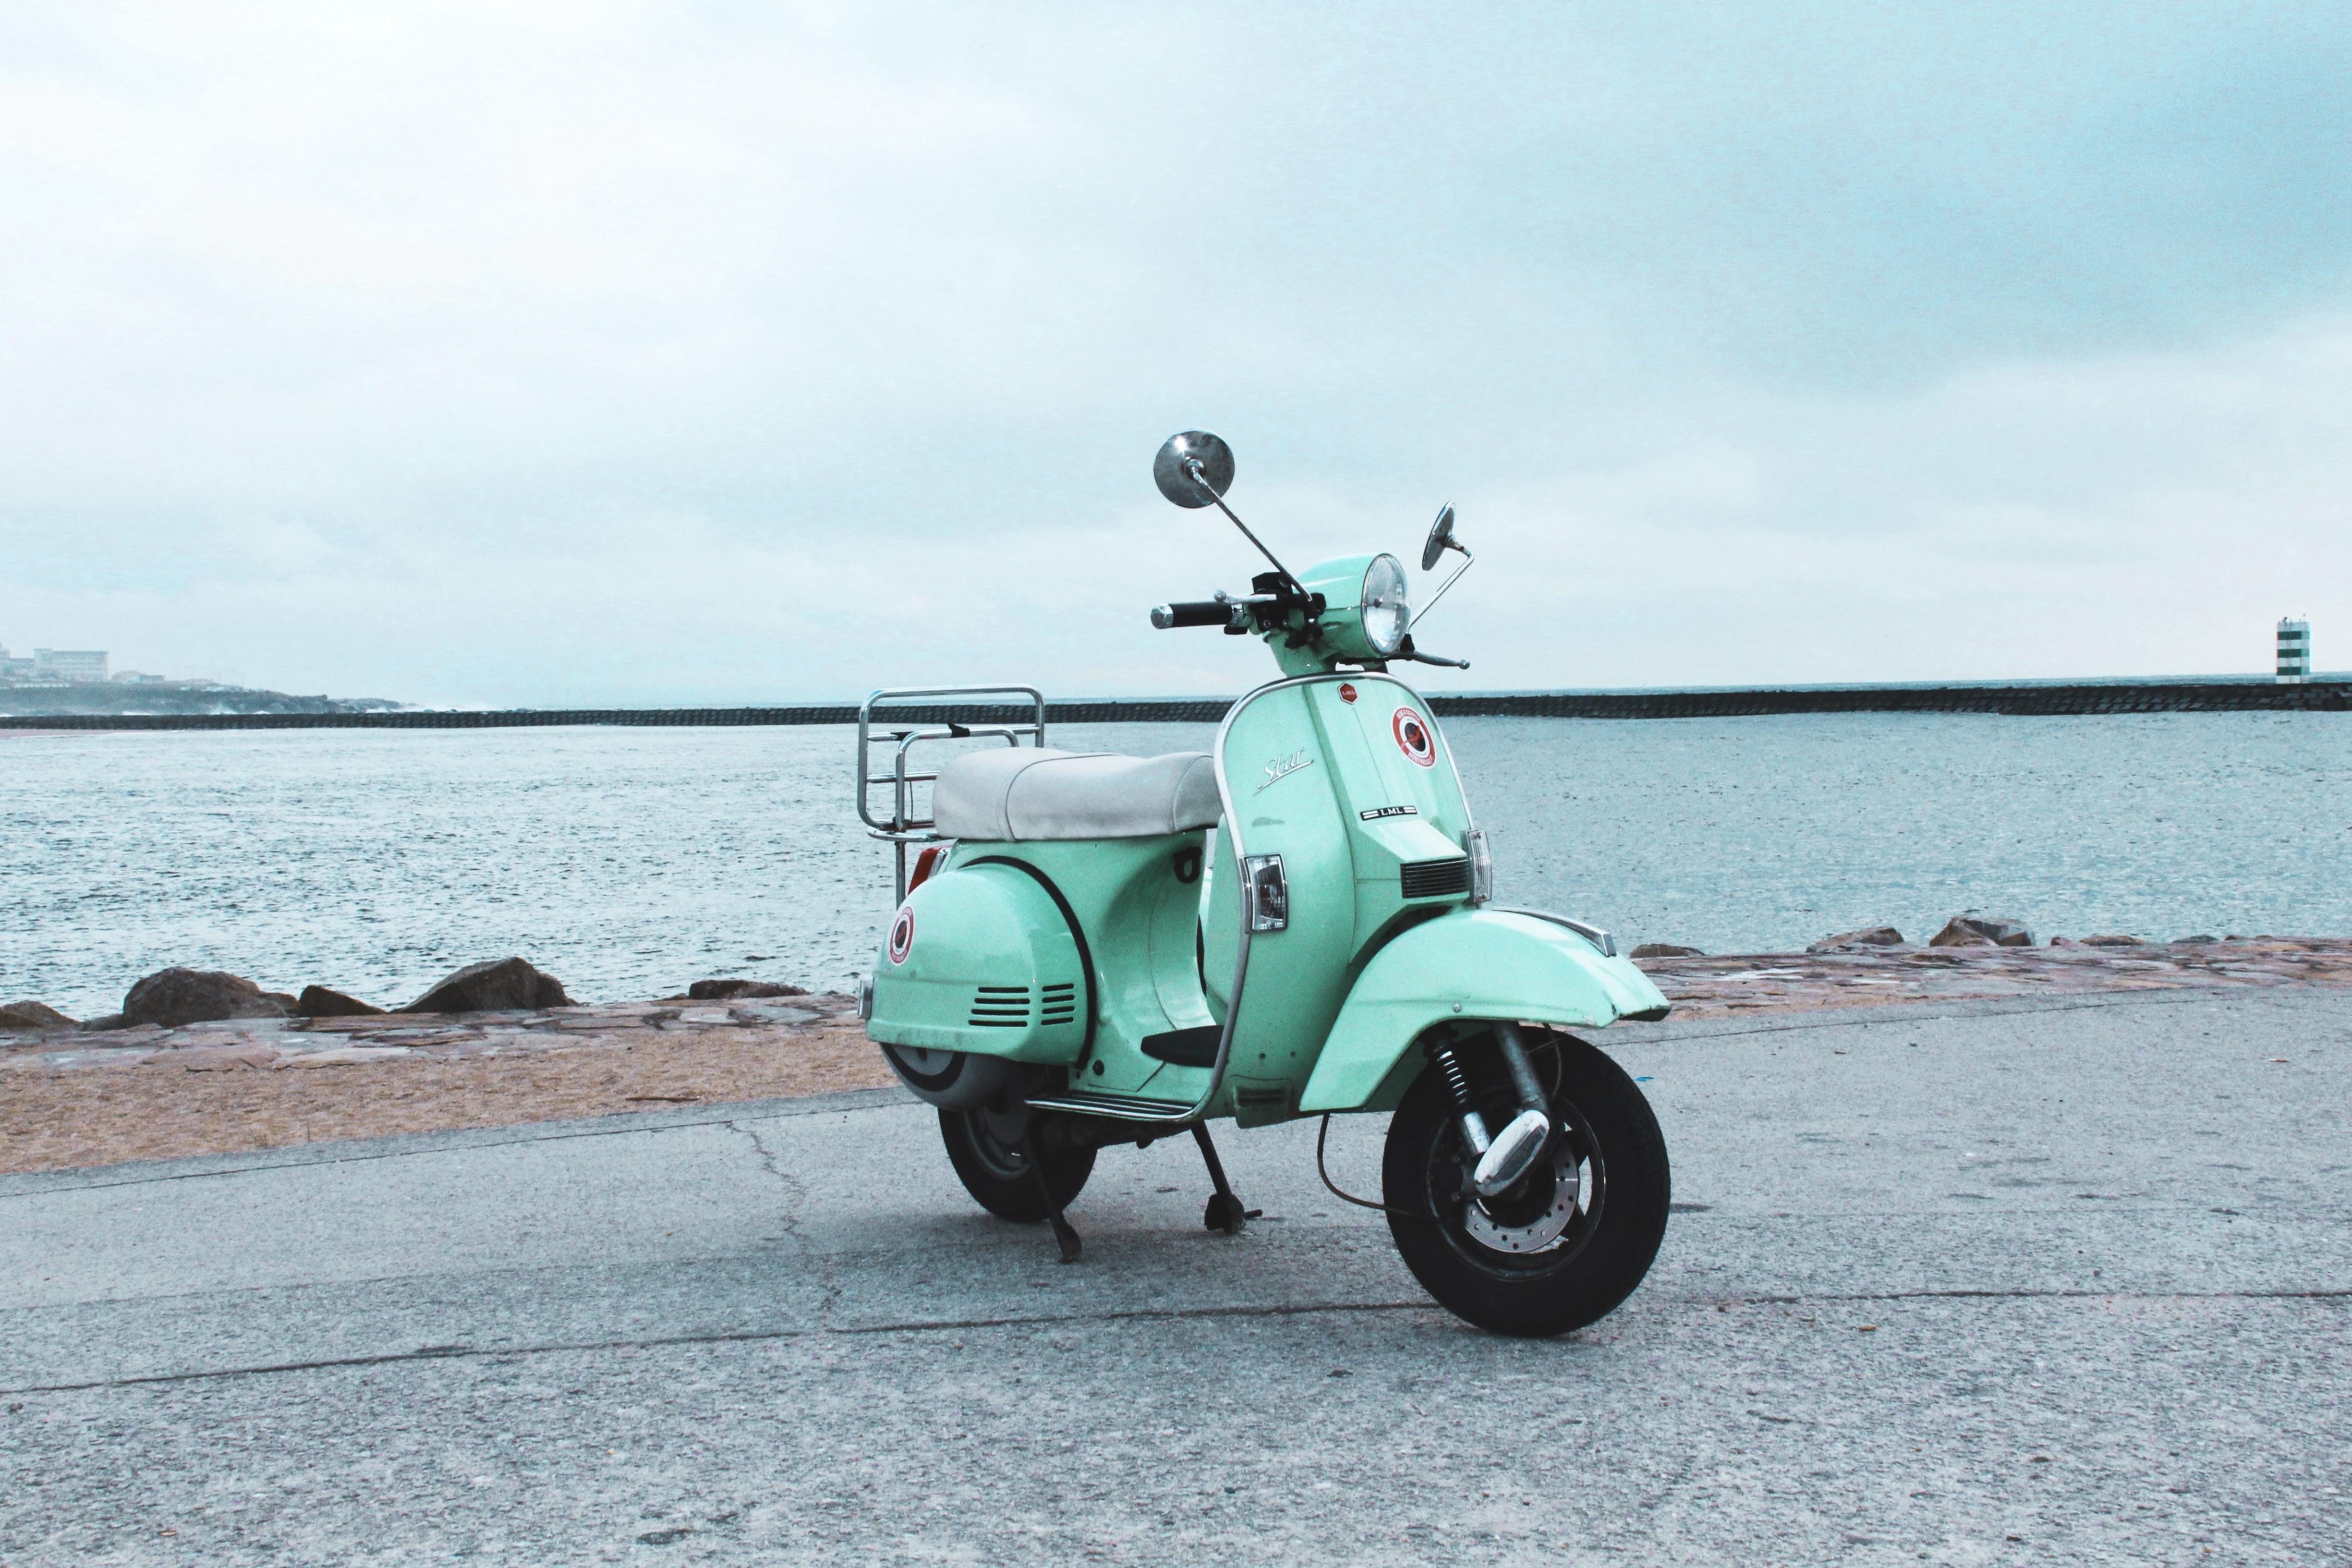 101010 Hintergrundbild herunterladen Motorräder, Sea, Straße, Roller, Scooter, Street - Bildschirmschoner und Bilder kostenlos